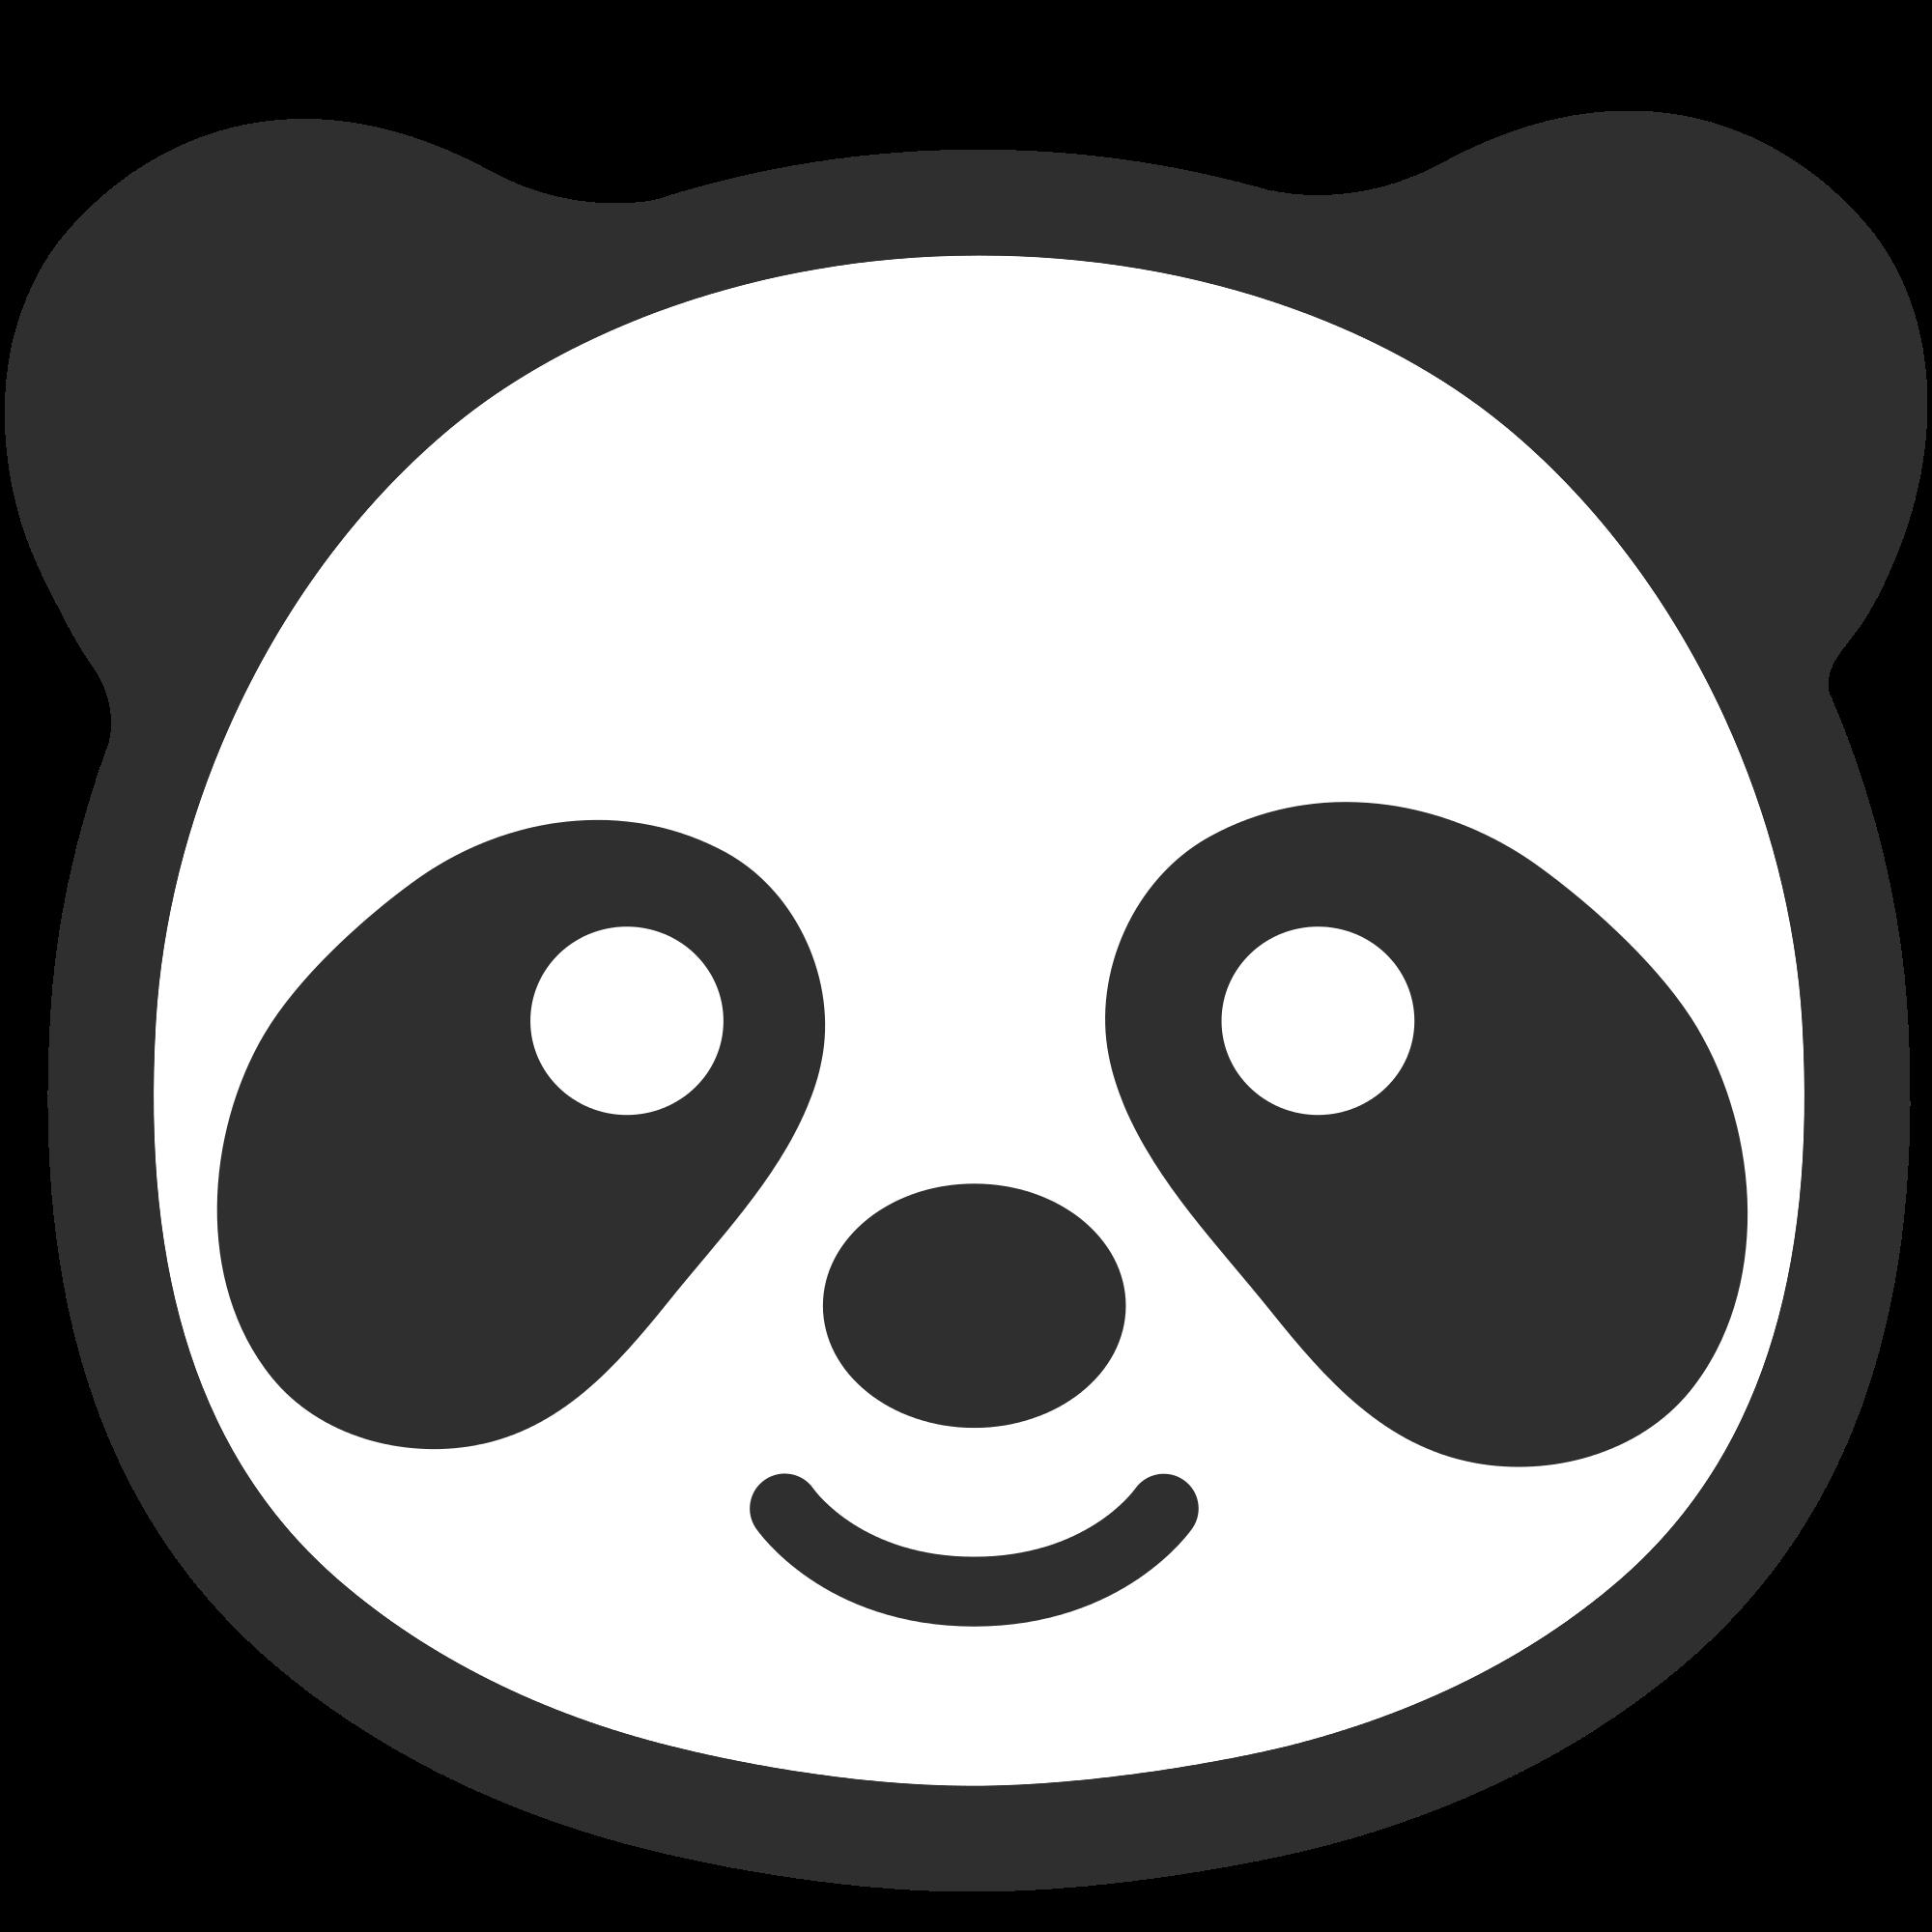 PNG Panda - 73314